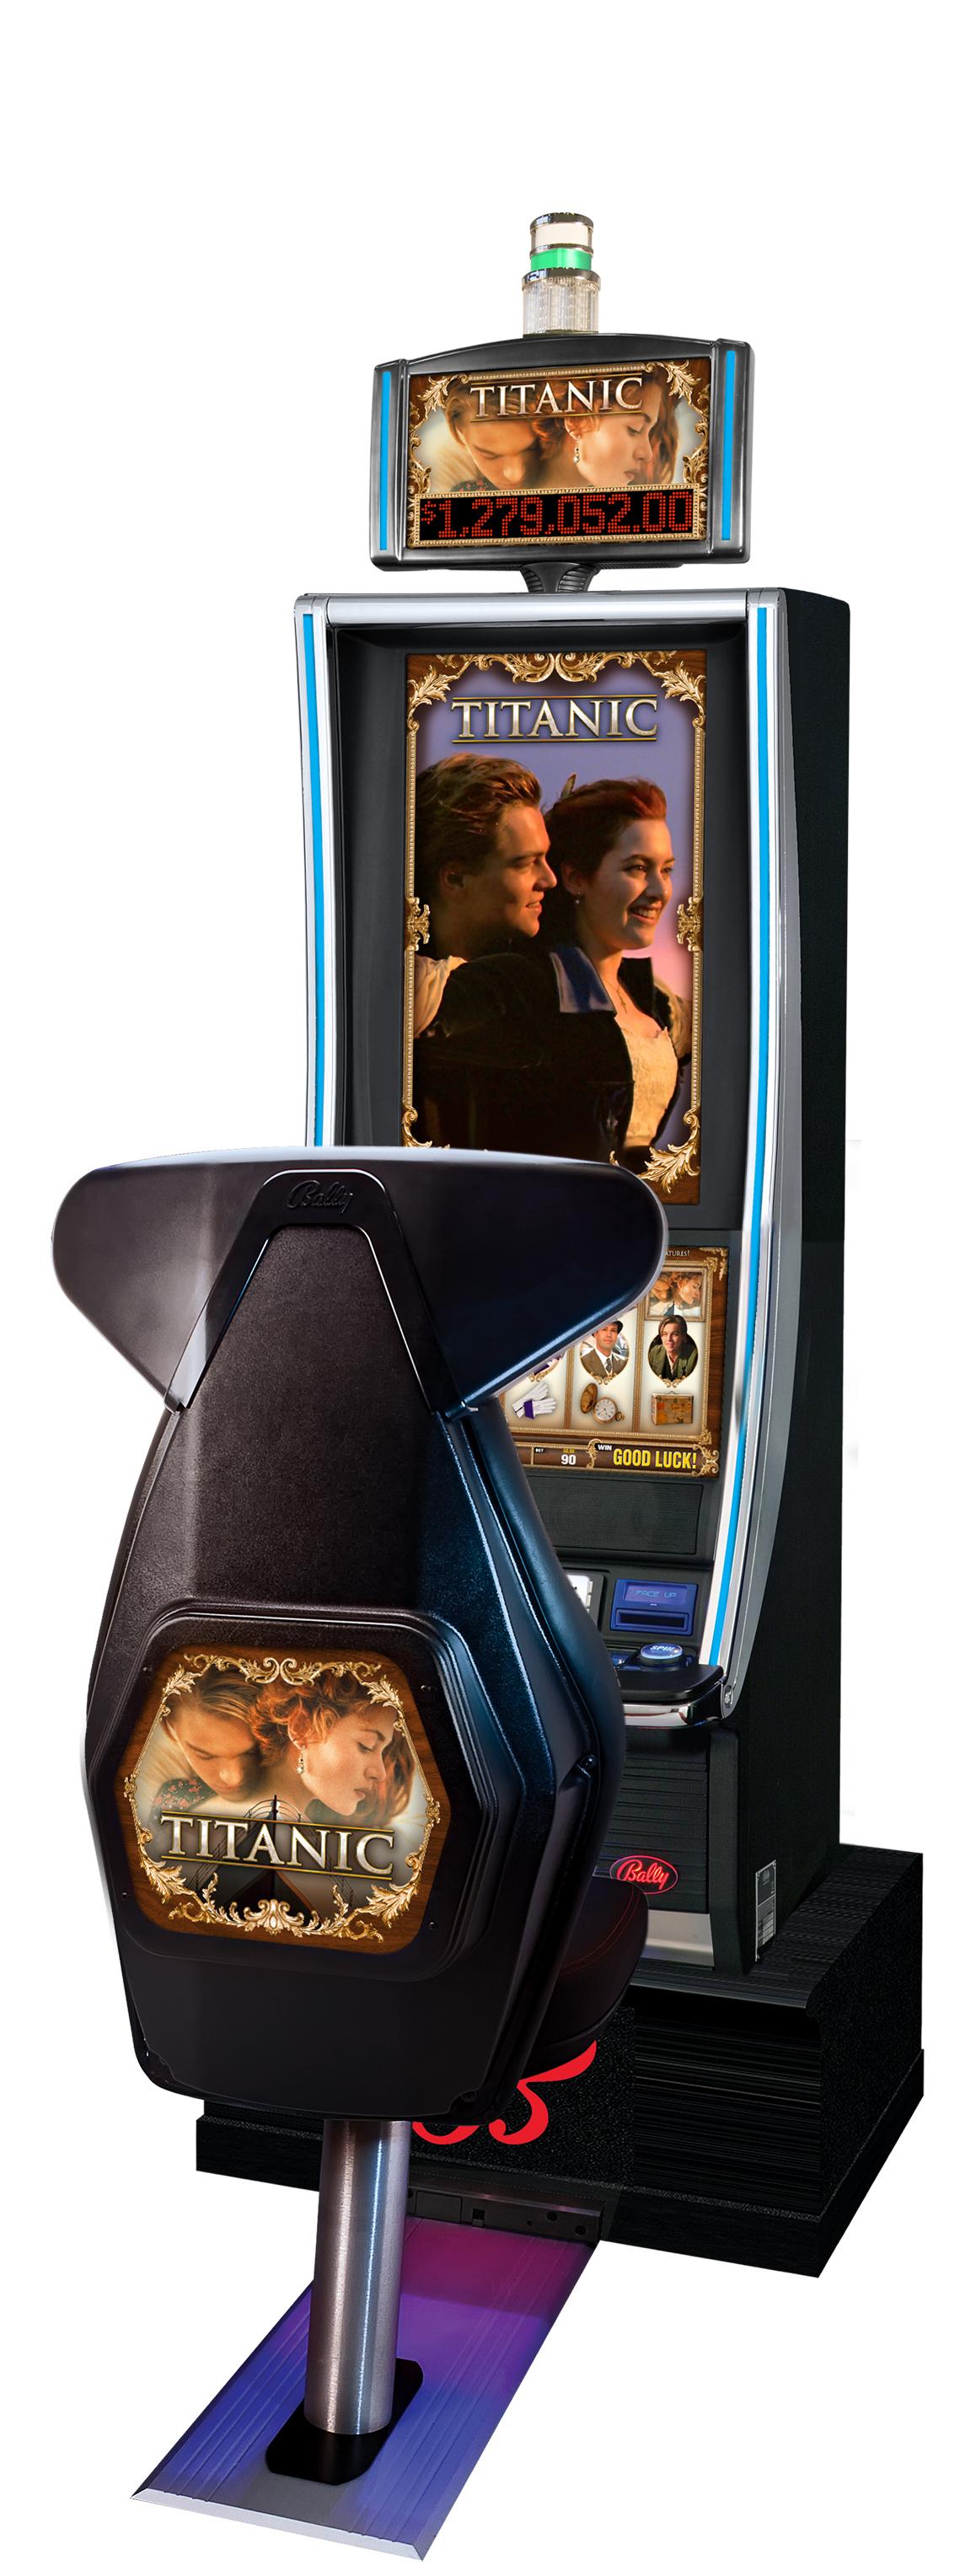 Slot machine gratis da bar titanic